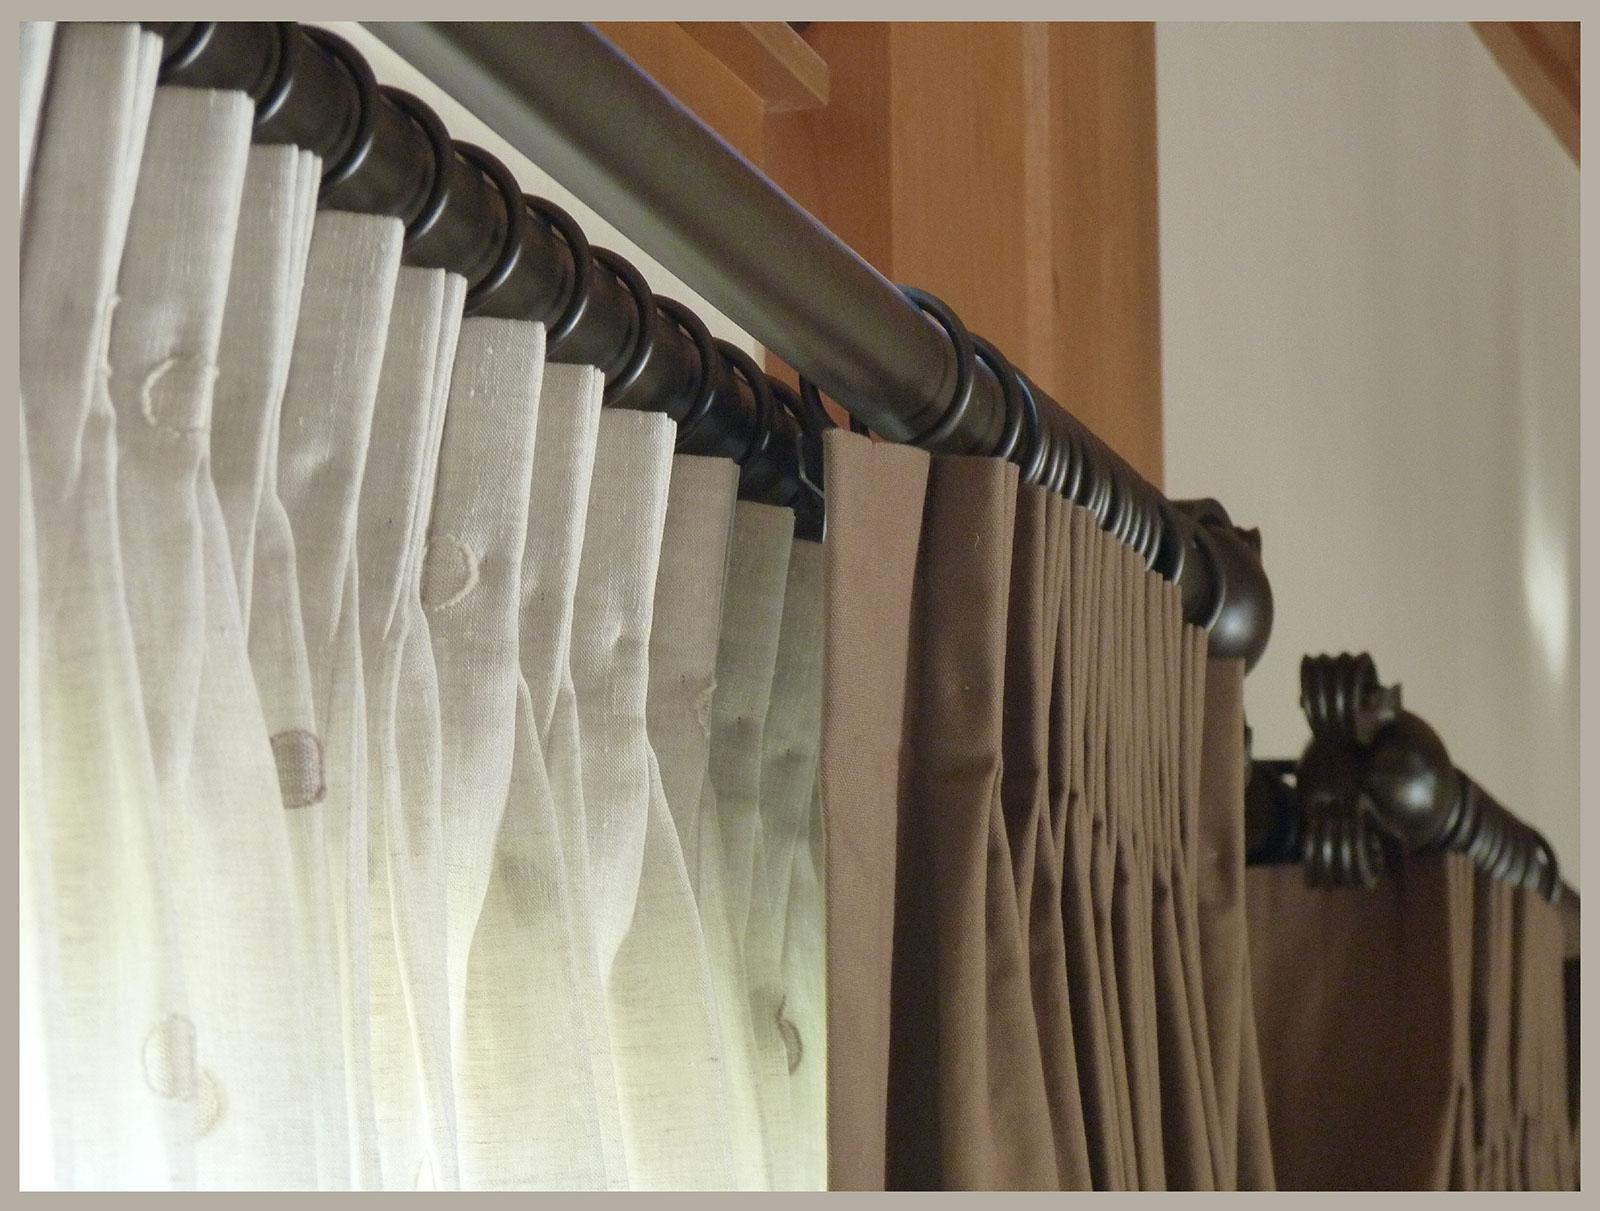 traverse double rods com rod curtains curtain decorlinen